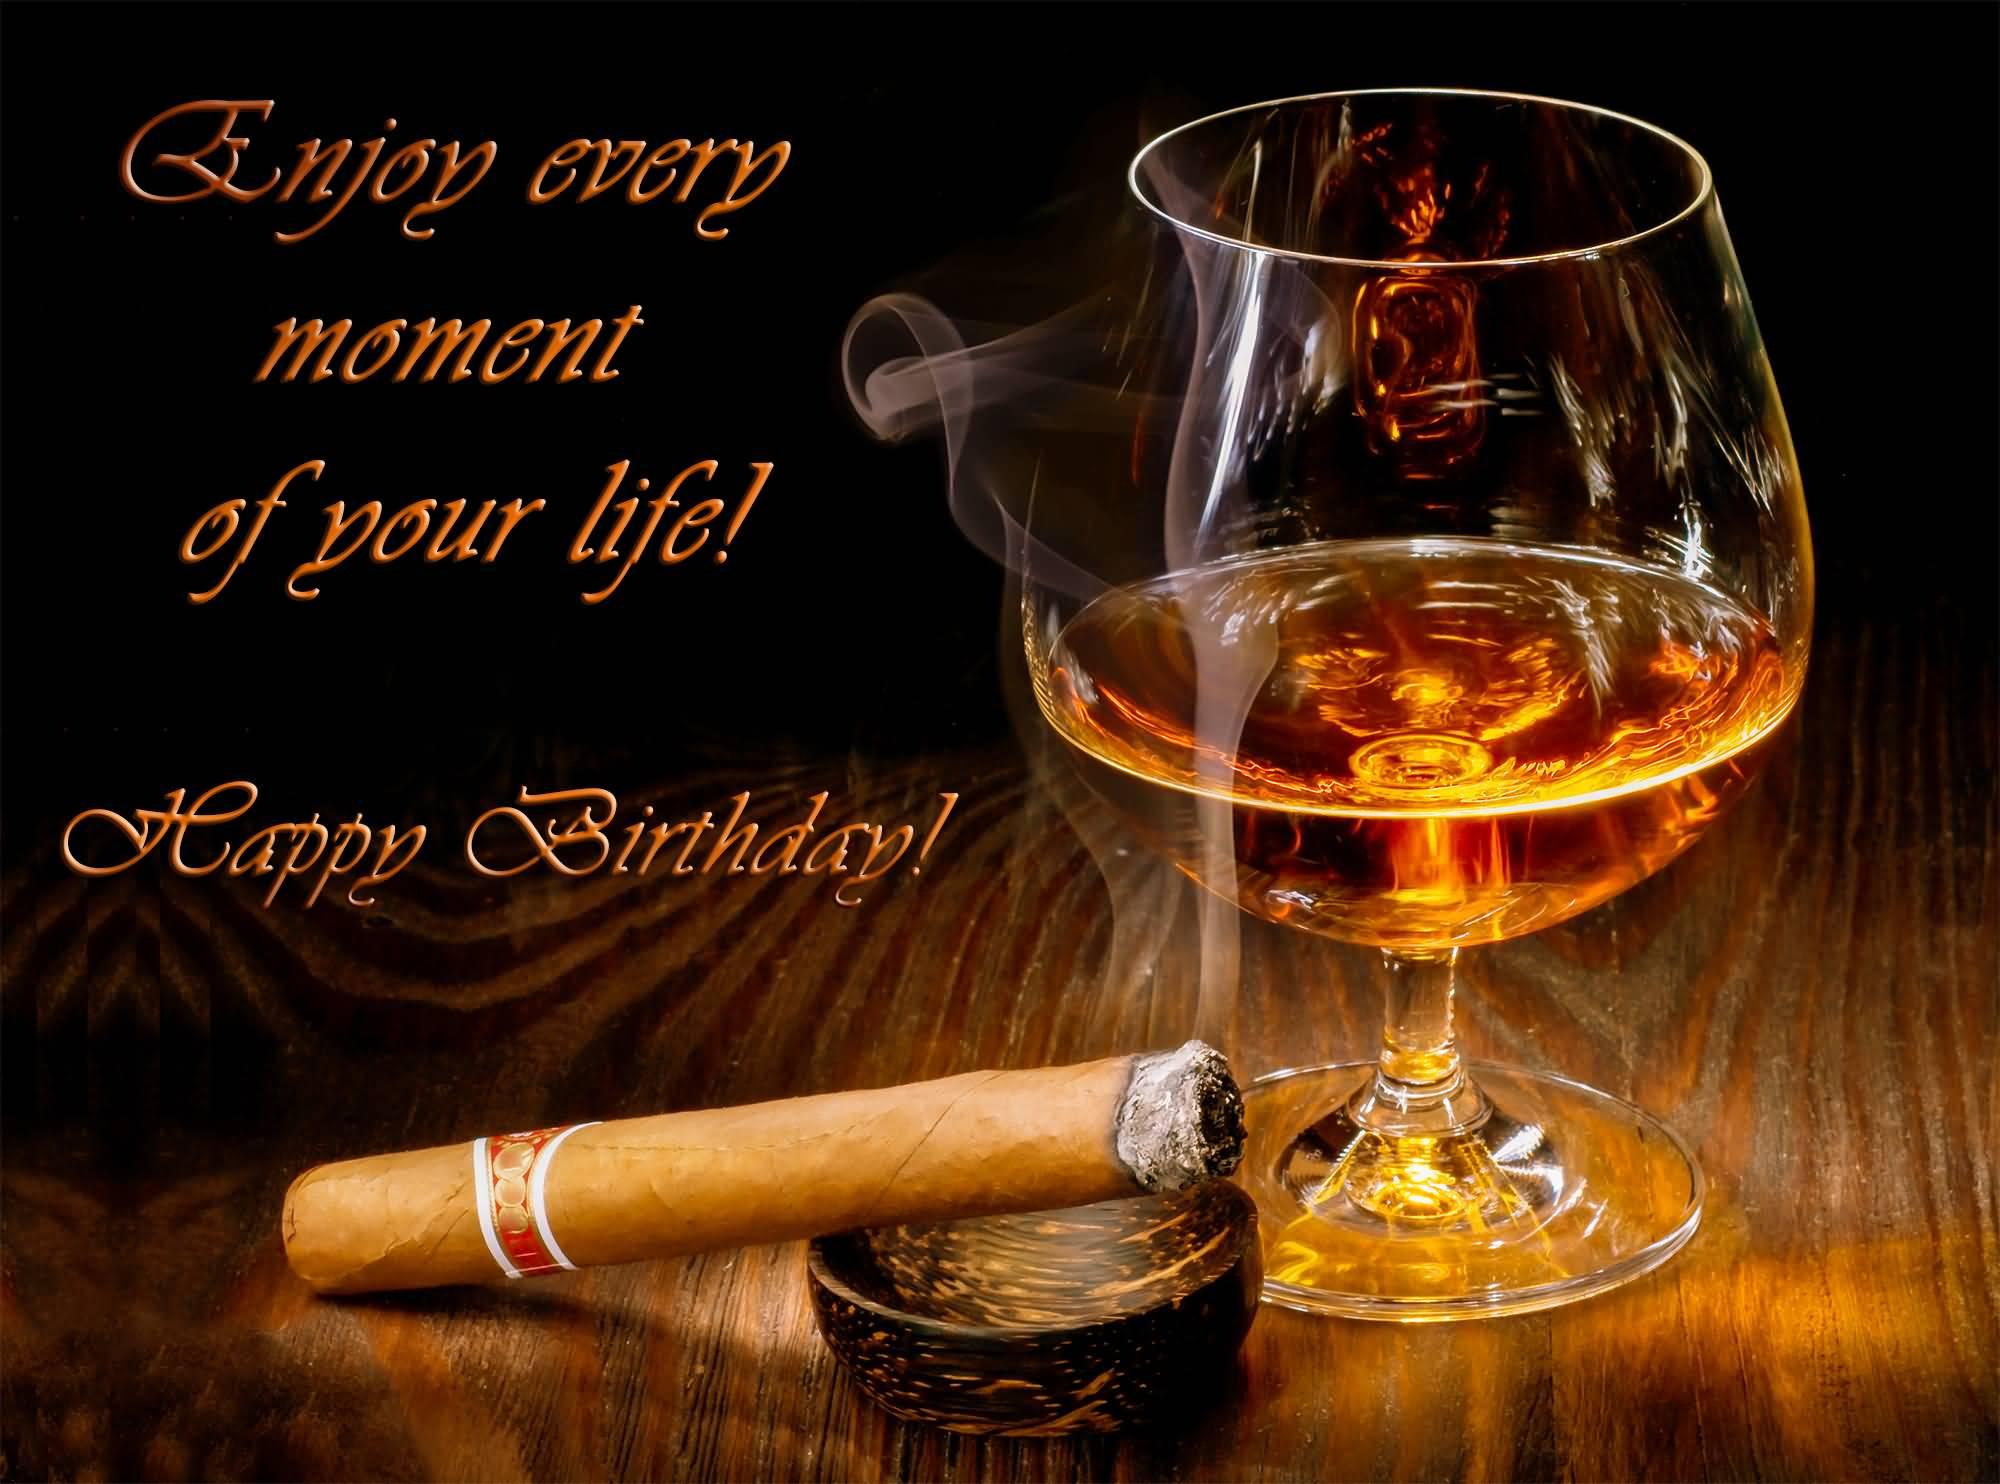 Best brandy birthday wish for Godfather